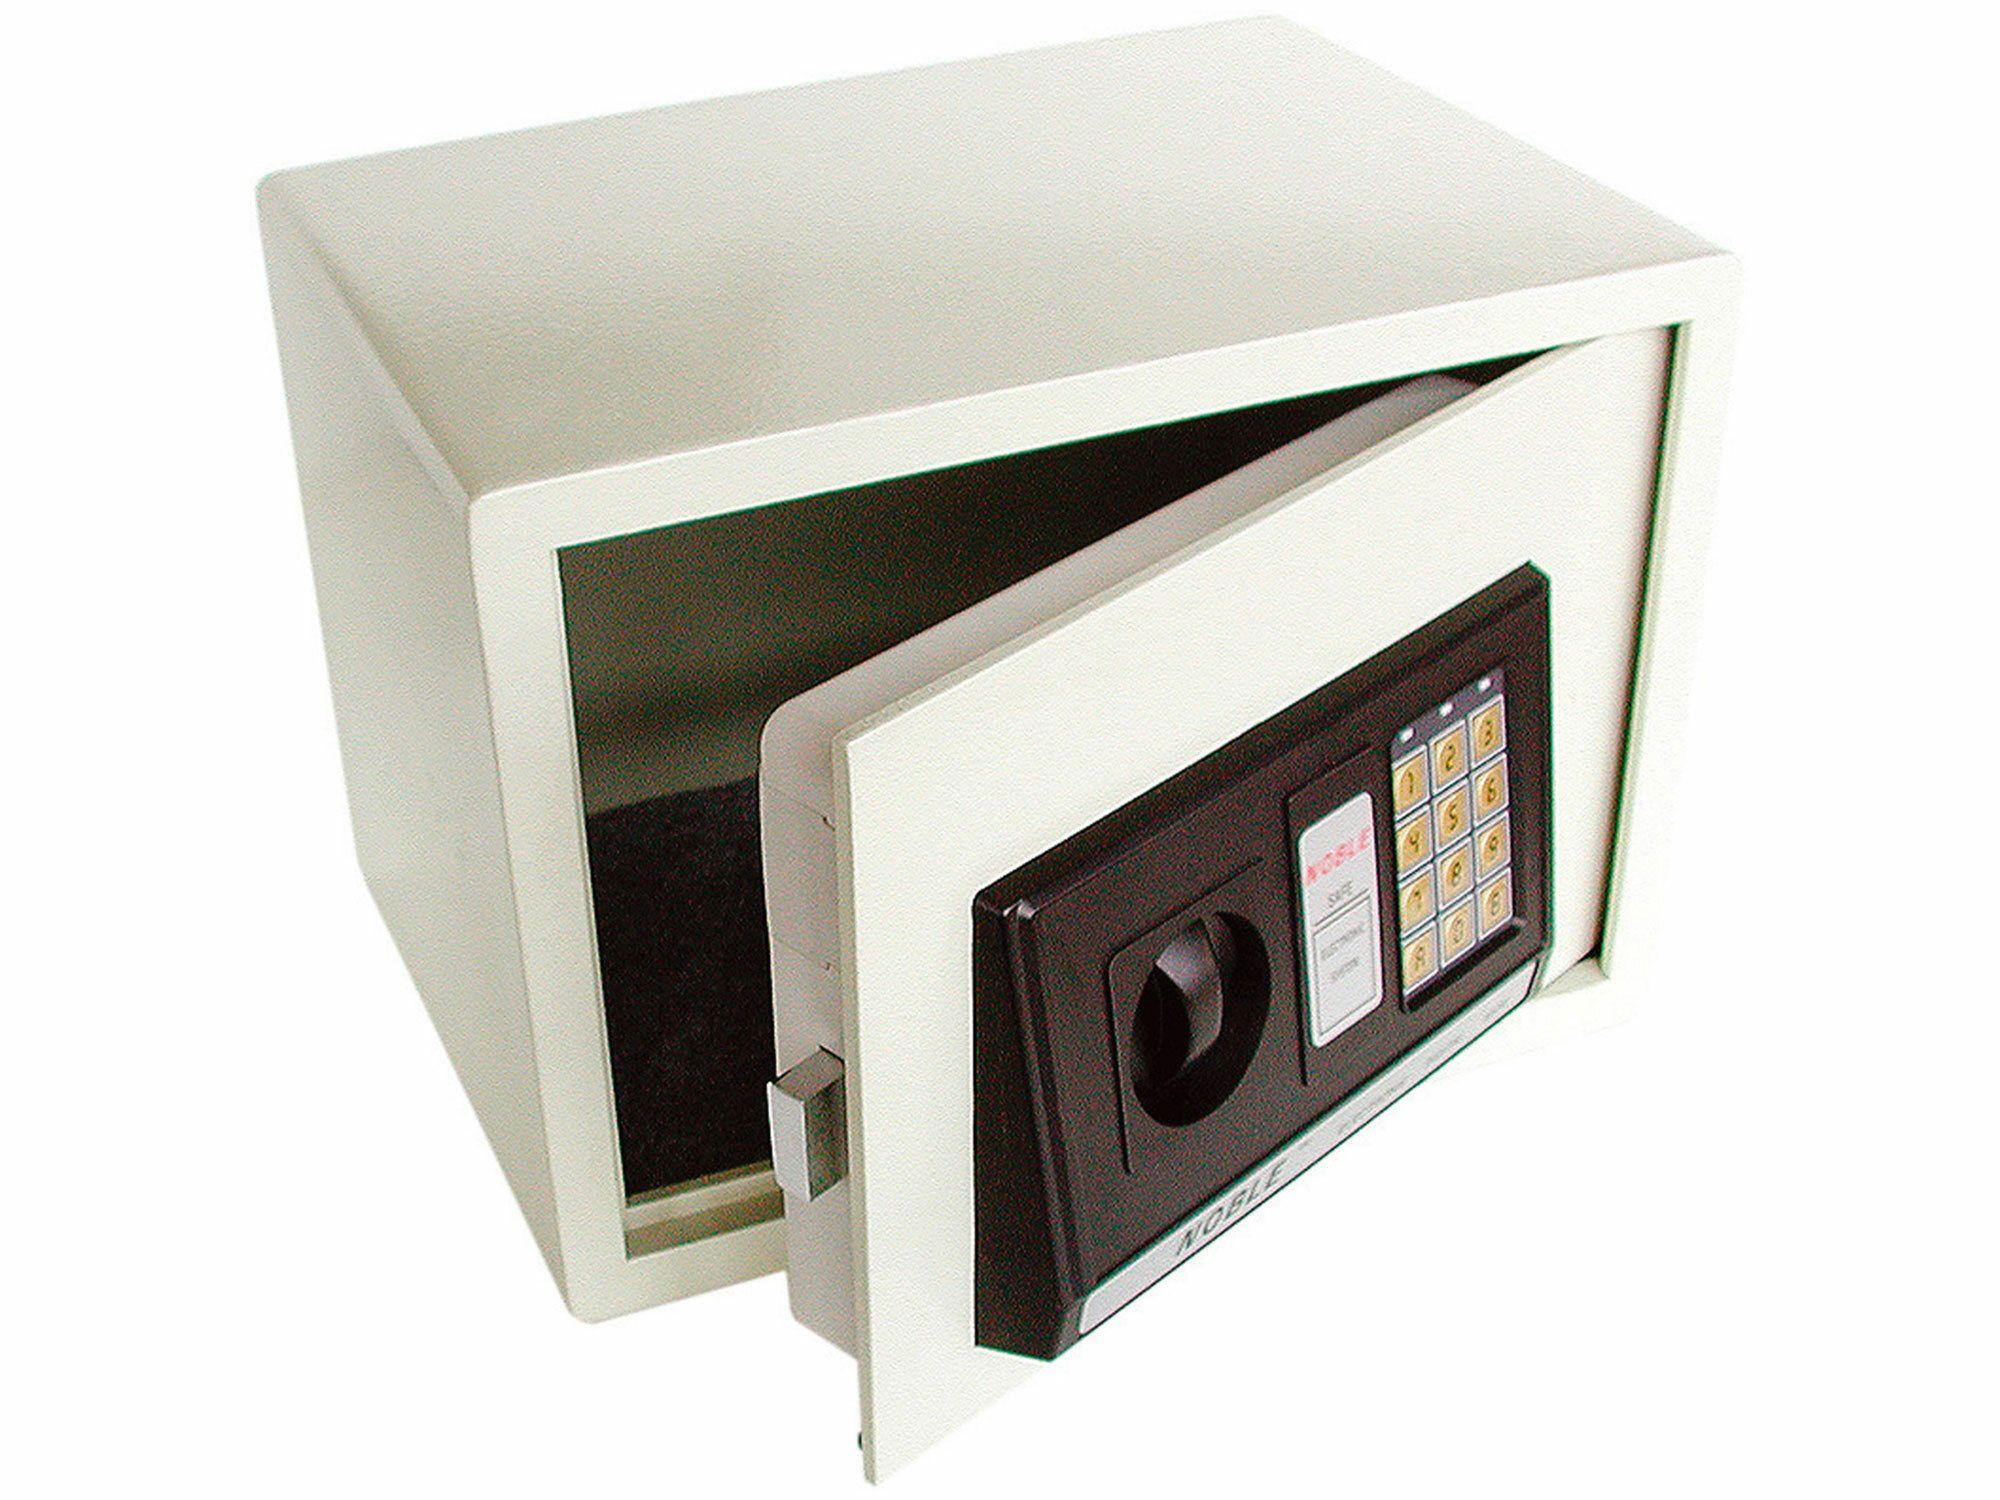 Sejf s elektronickým kódovým zabezpečením, 350x250x250mm, hmotnost 10kg, EXTOL CRAFT